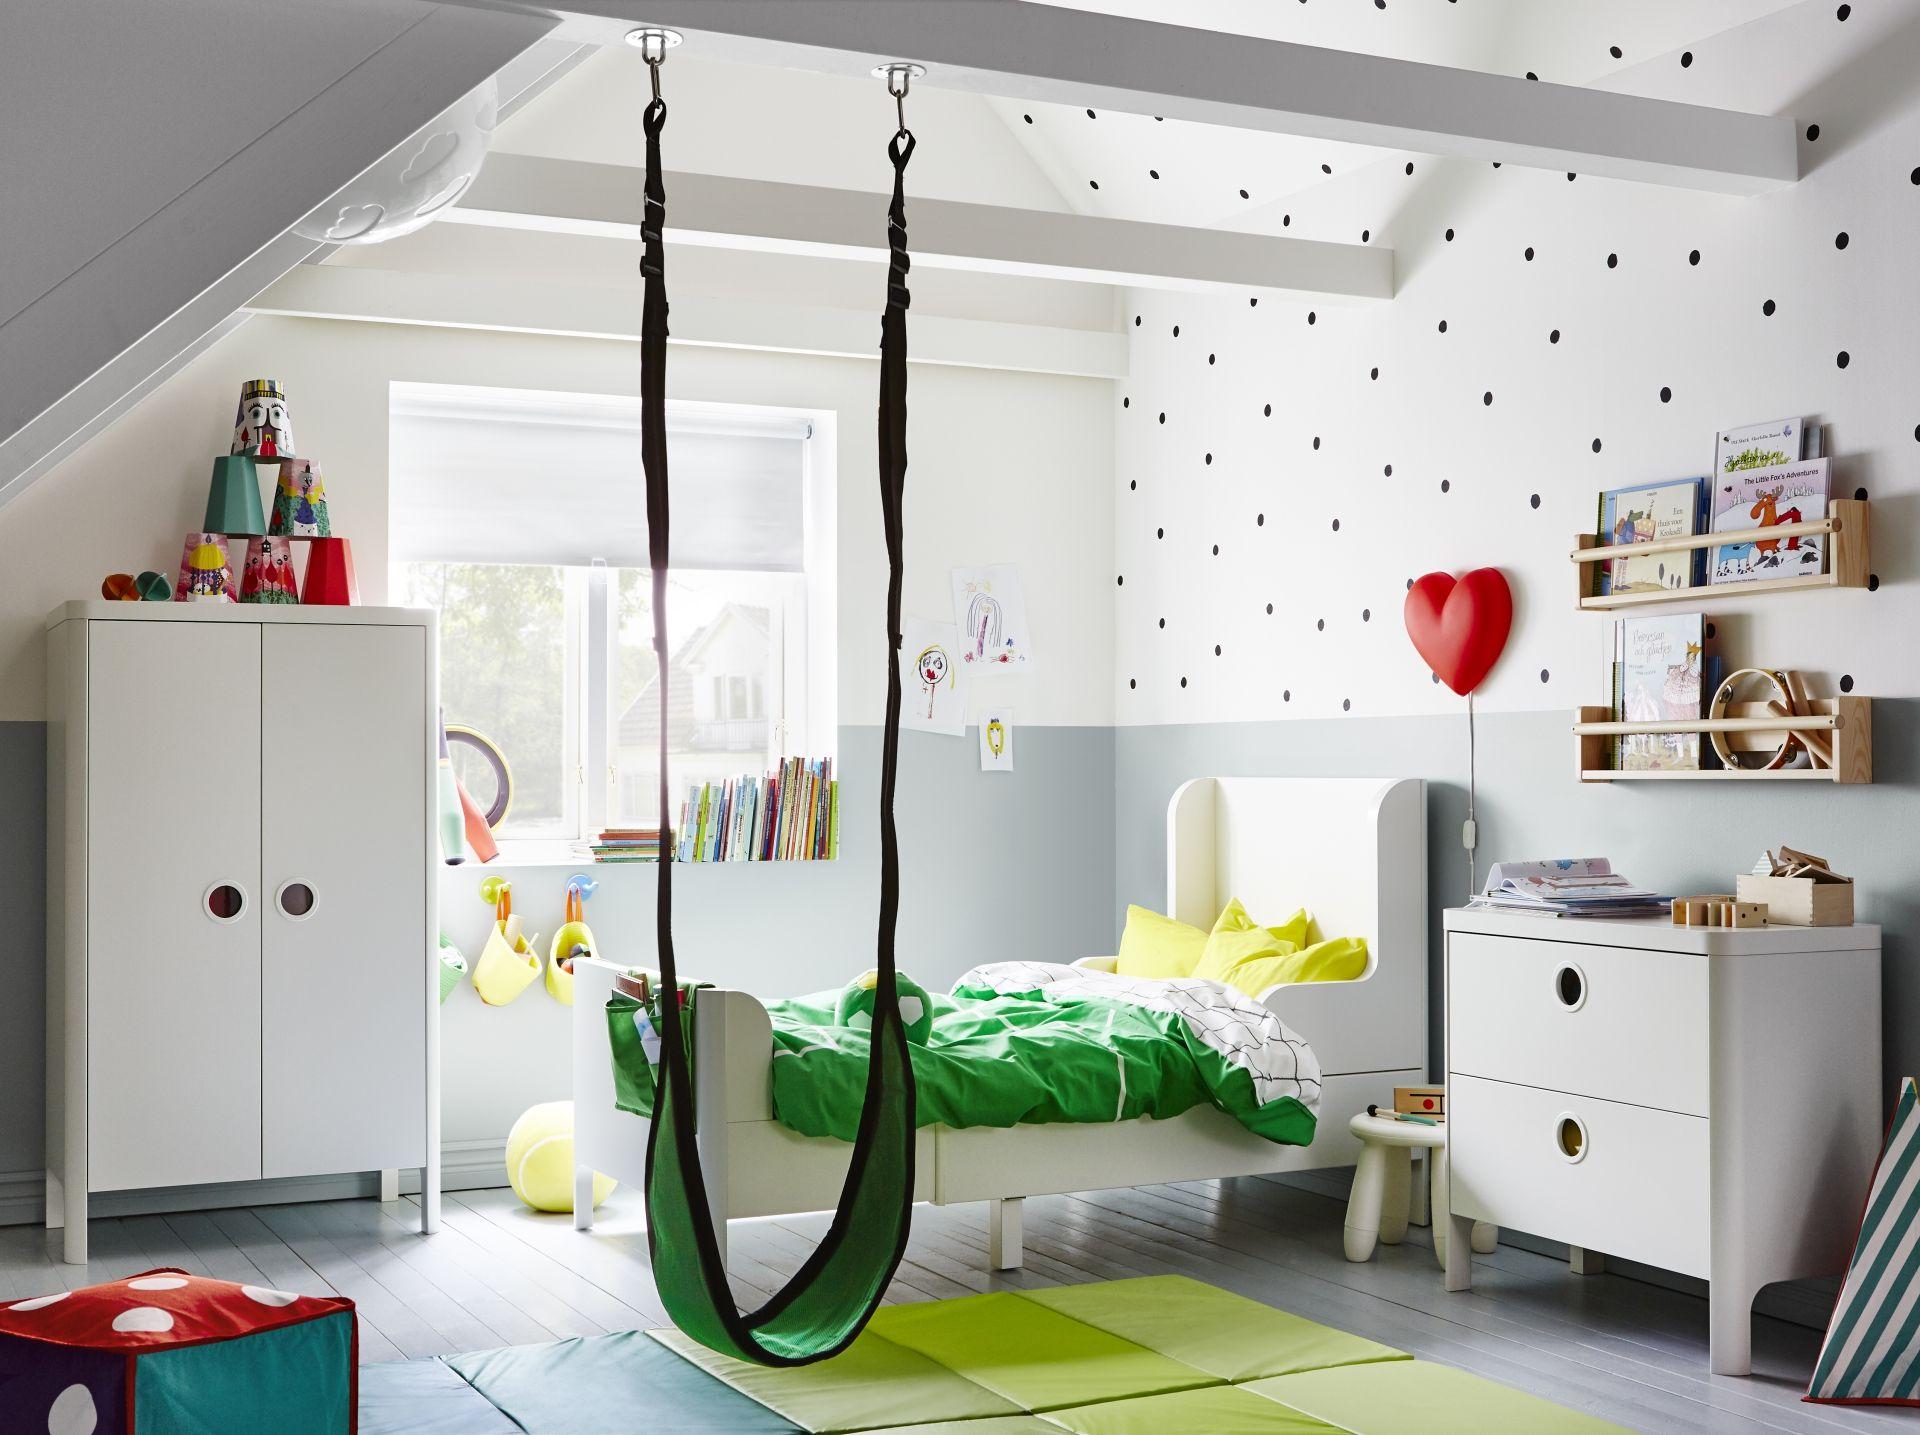 Schommel In Kinderkamer : Gunggung schommel groen baby room pinterest room bedroom and